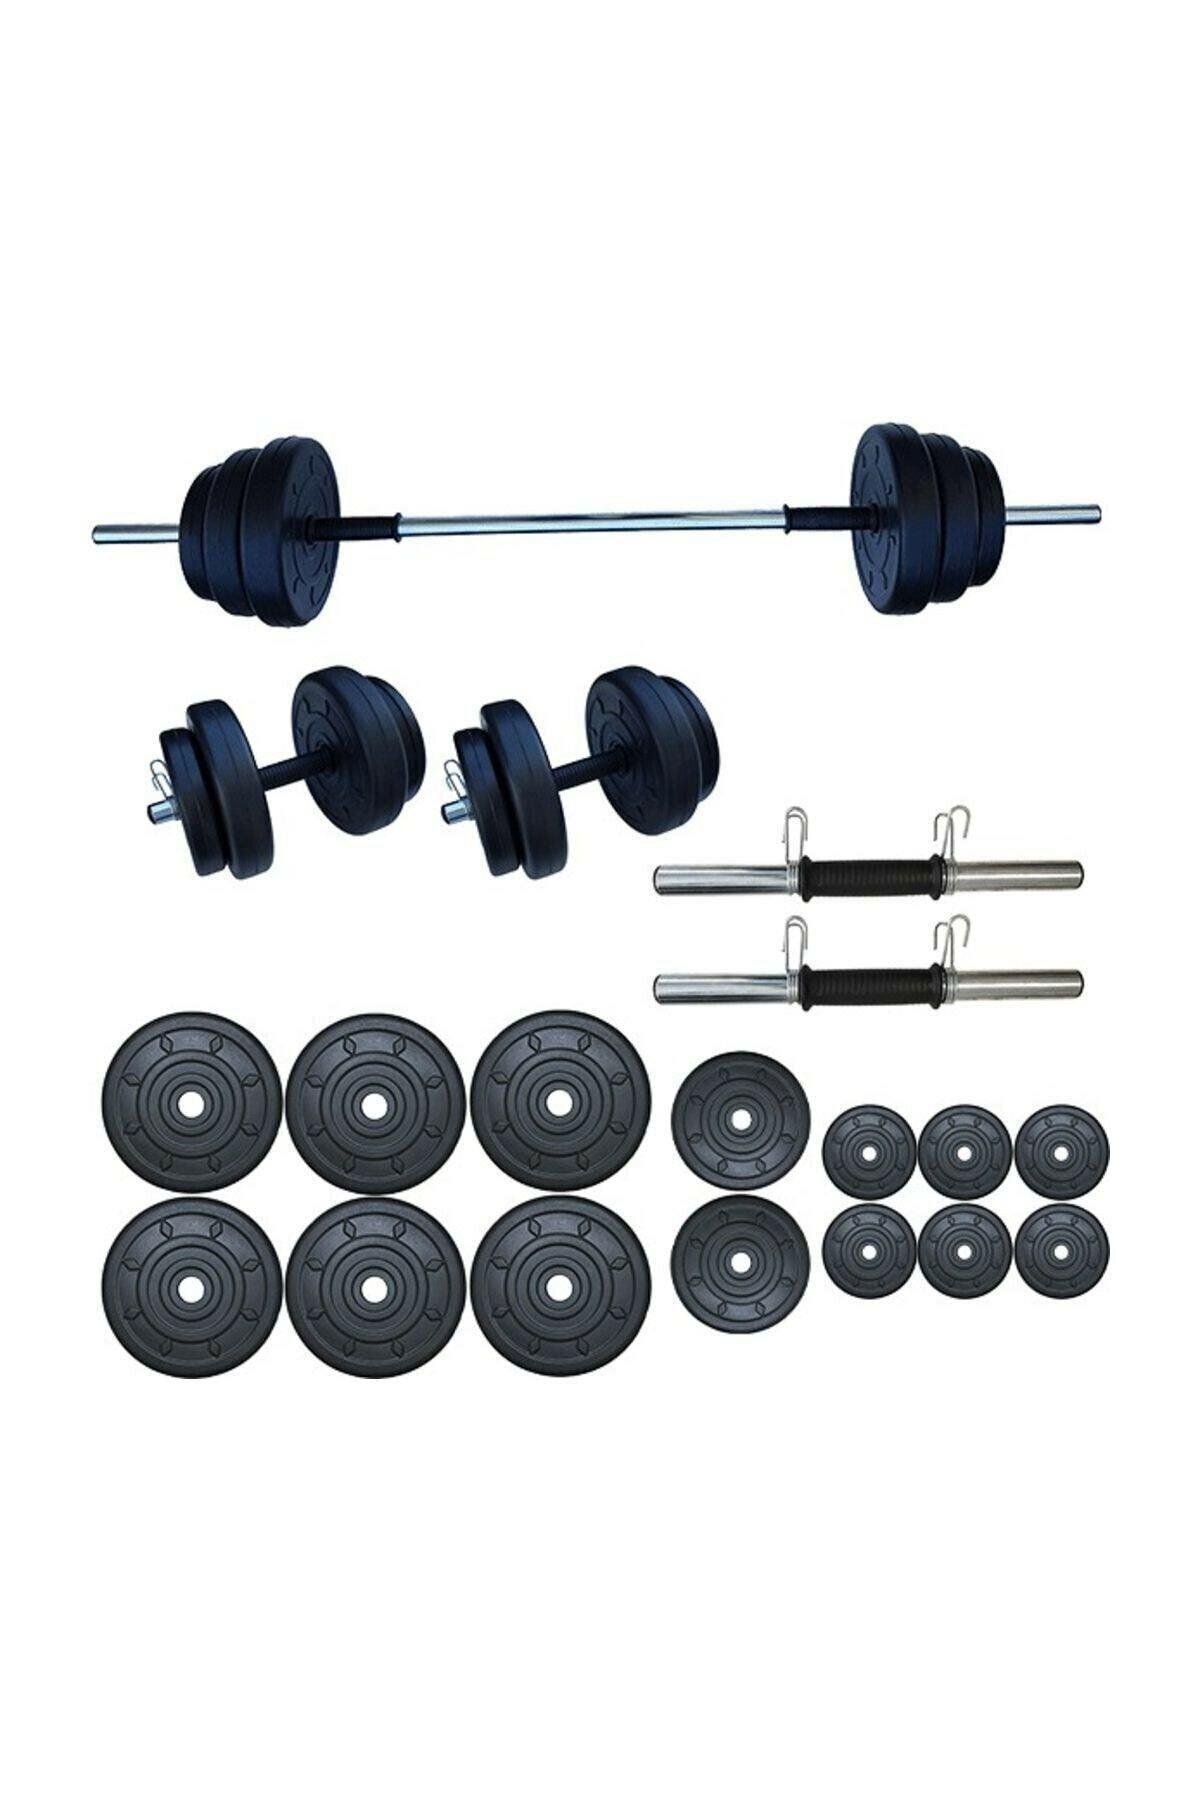 Dambılcım 75 KG Halter Seti Dambıl Seti Ağırlık ve Vücut Geliştirme Aleti 75 KG Spor Dumbell Set